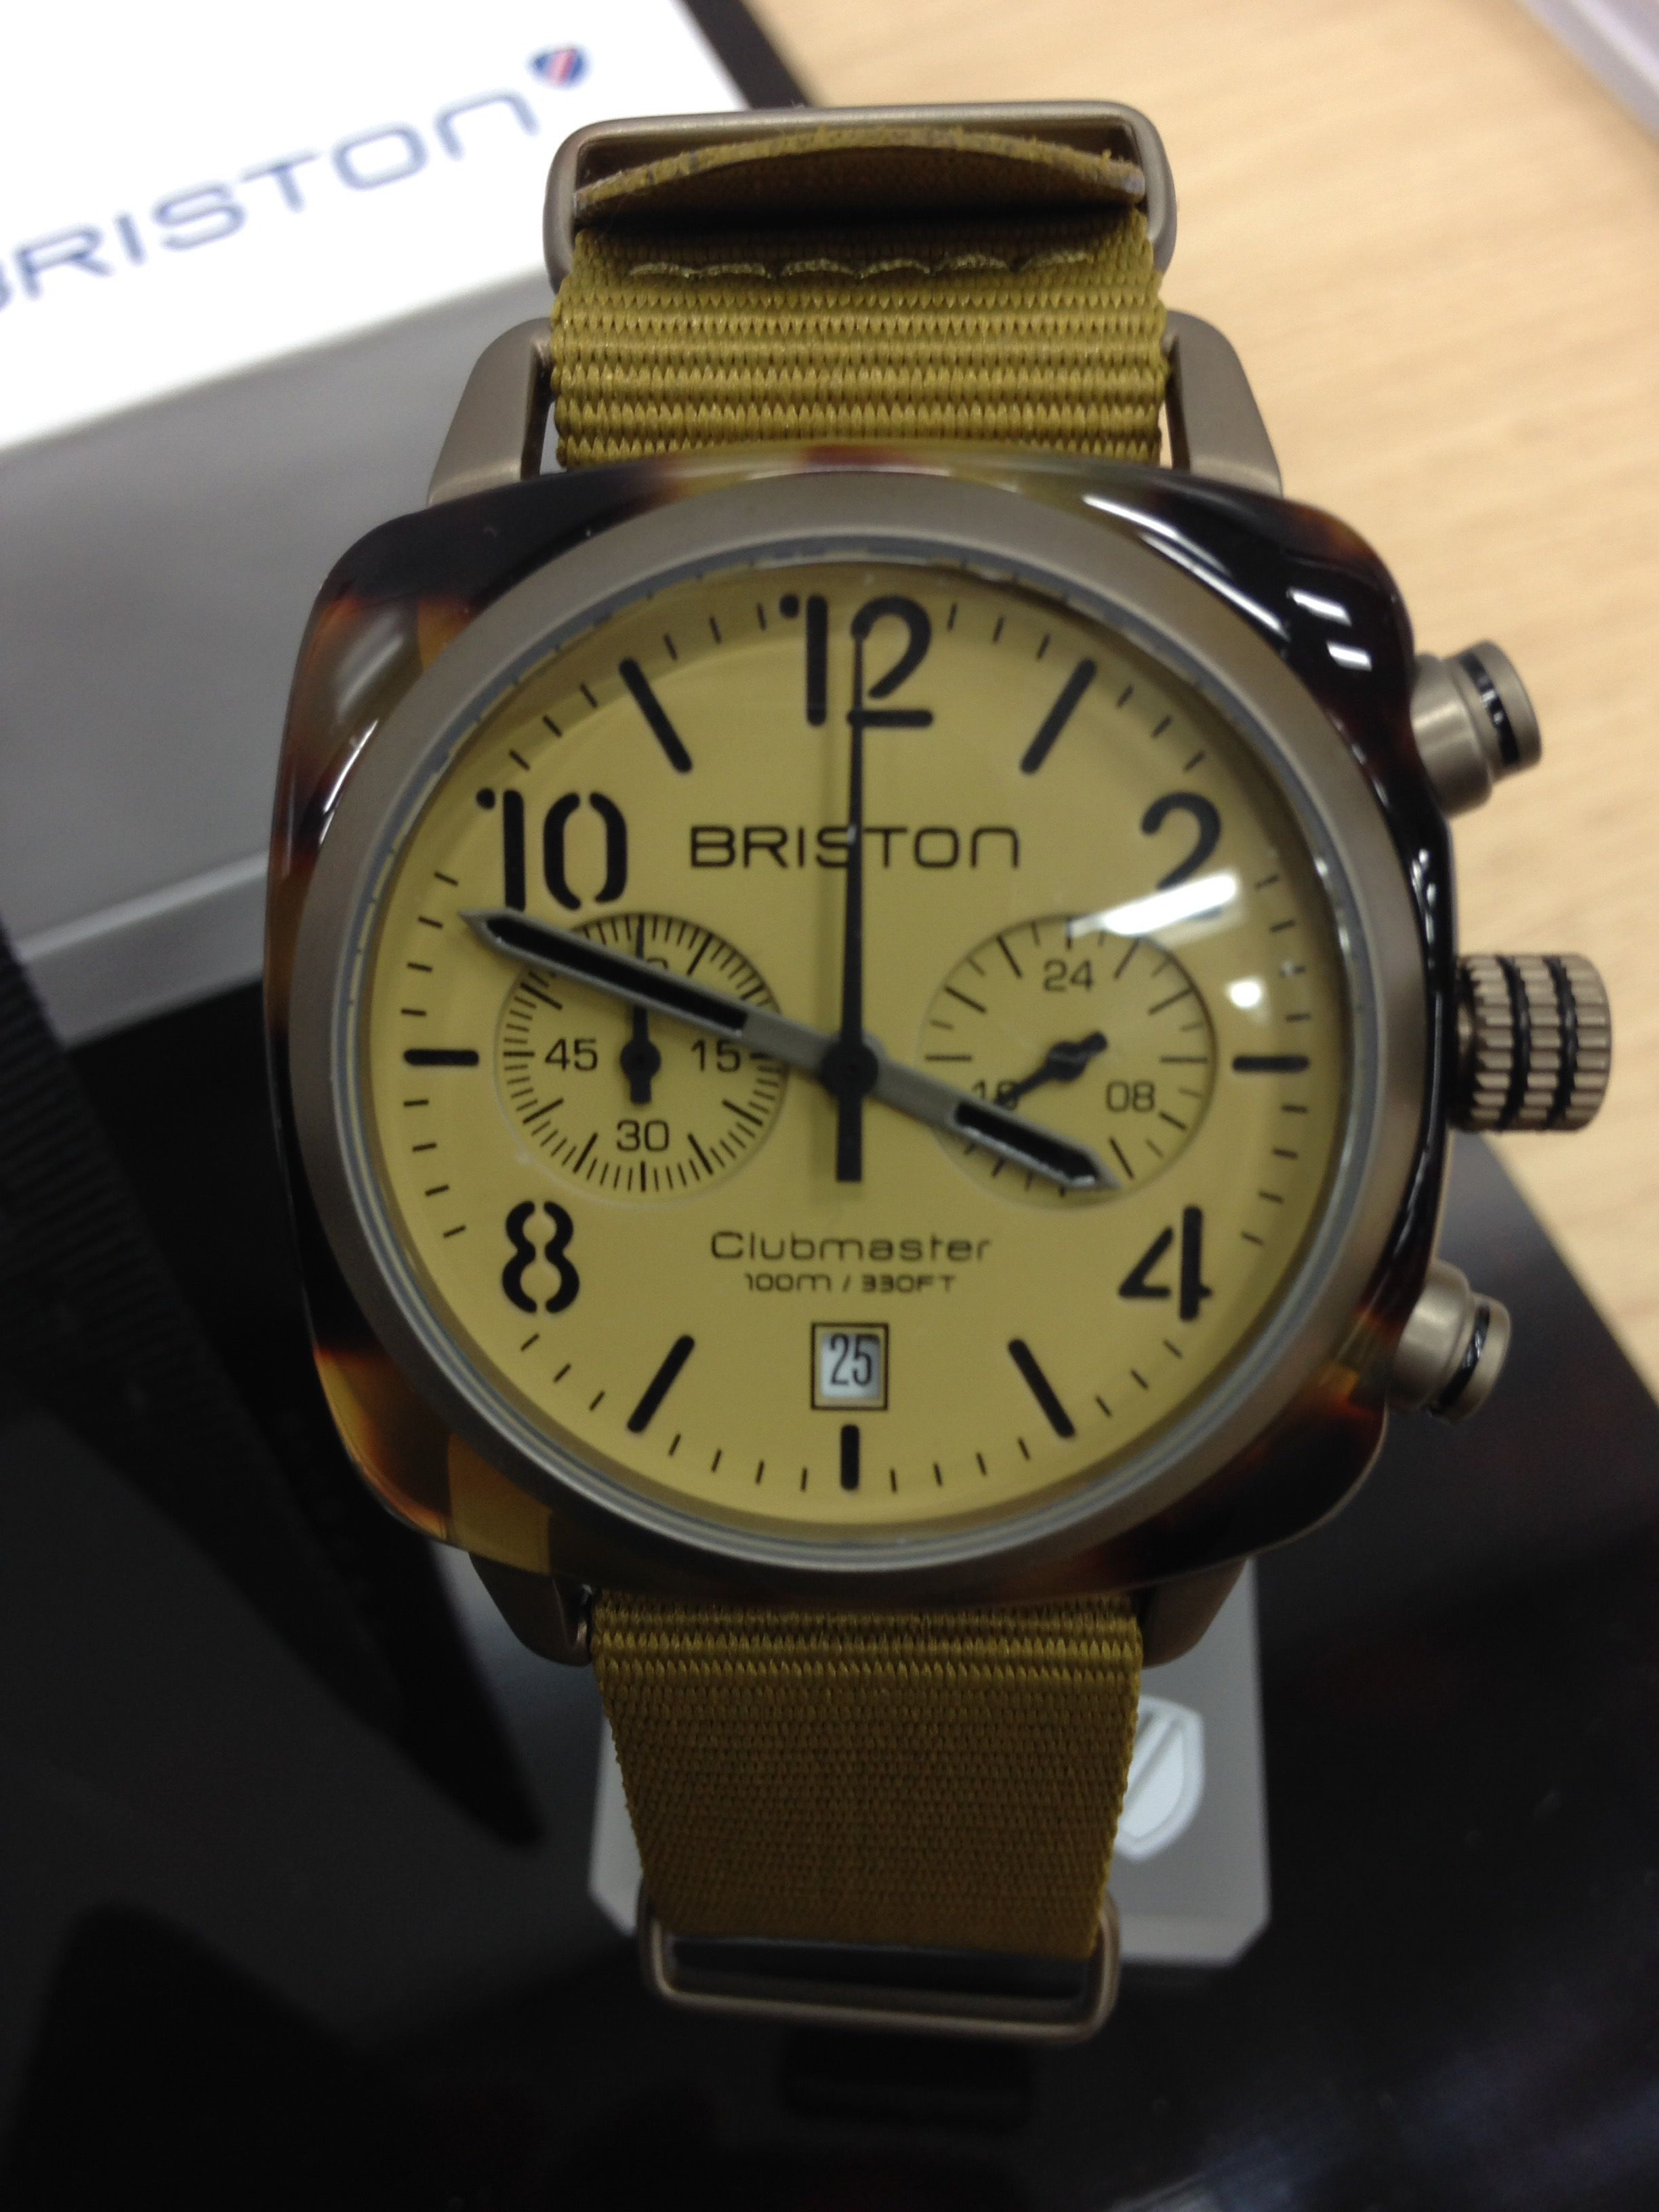 フランスのブランドなのに英国風がテーマの時計ブランドブリストンのクロノグラフがかっこいい